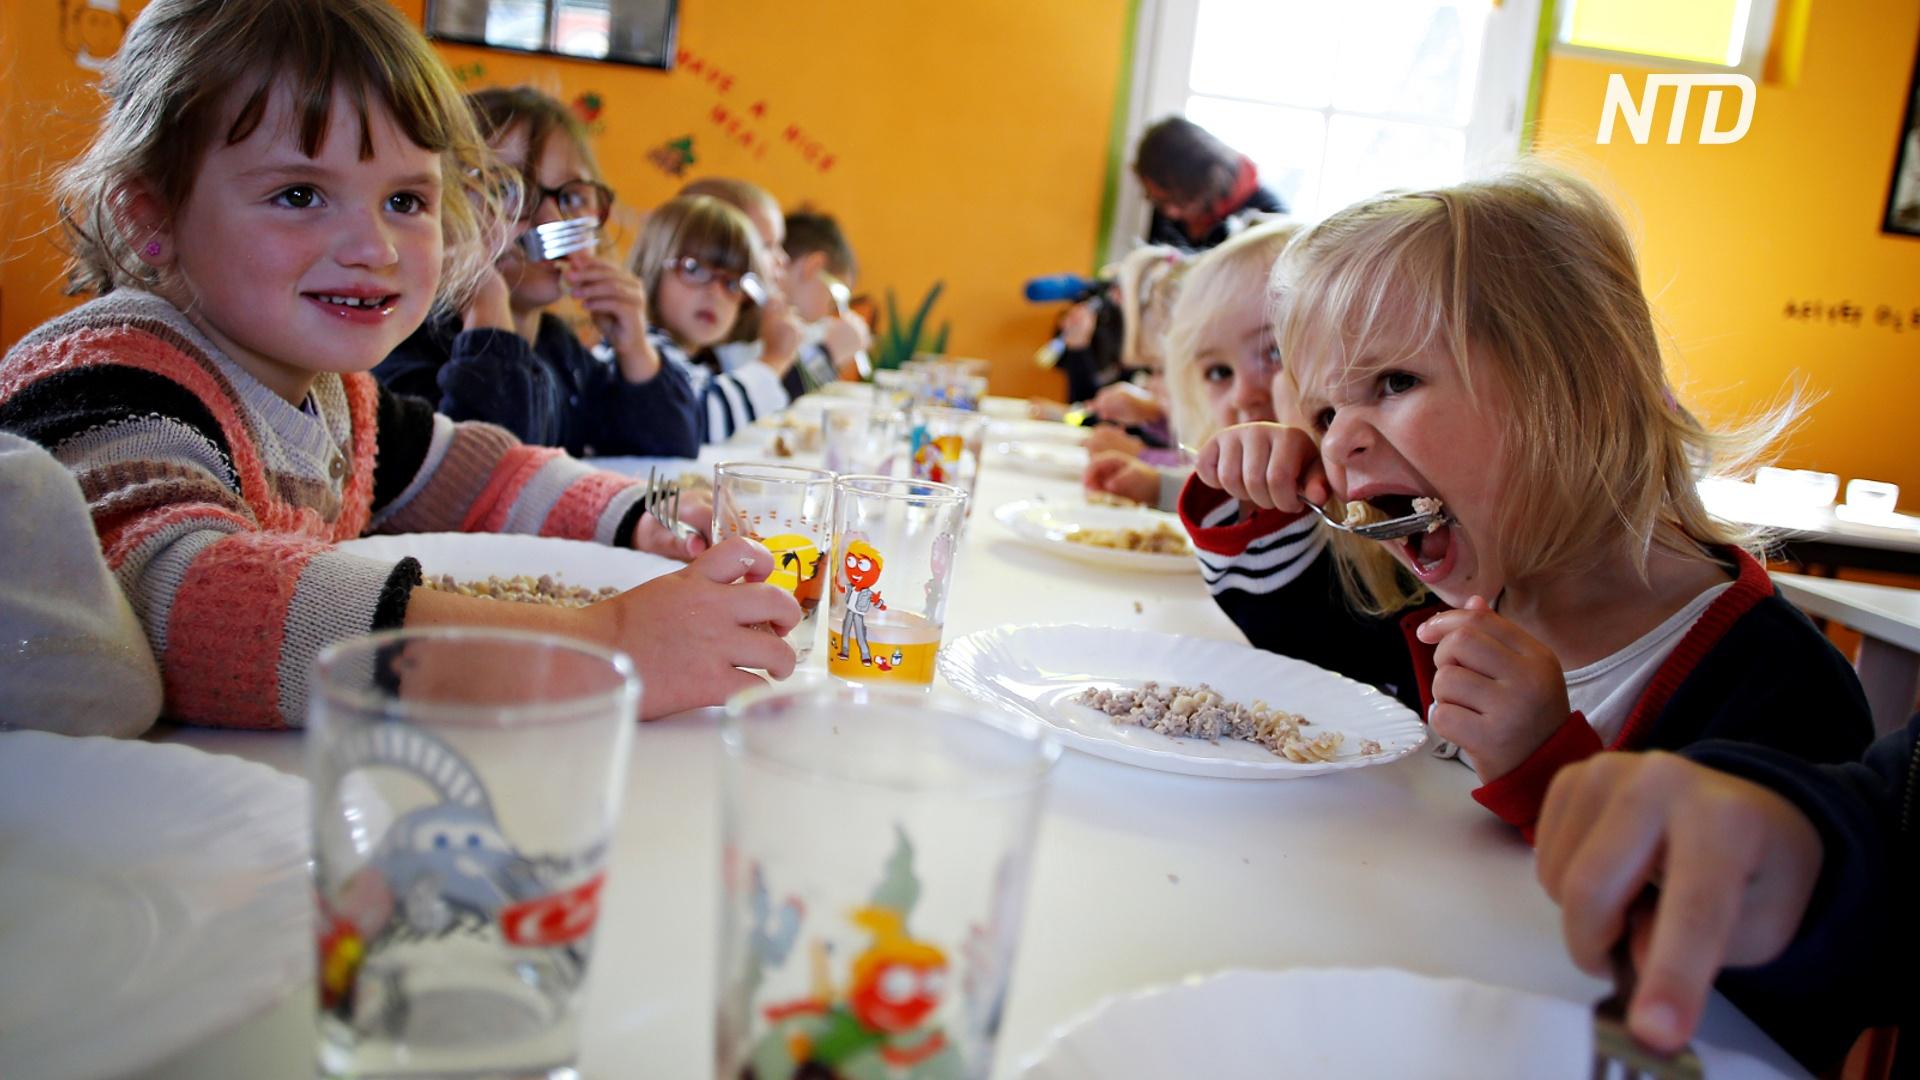 В Австралии школьная столовая отказалась от одноразового пластика